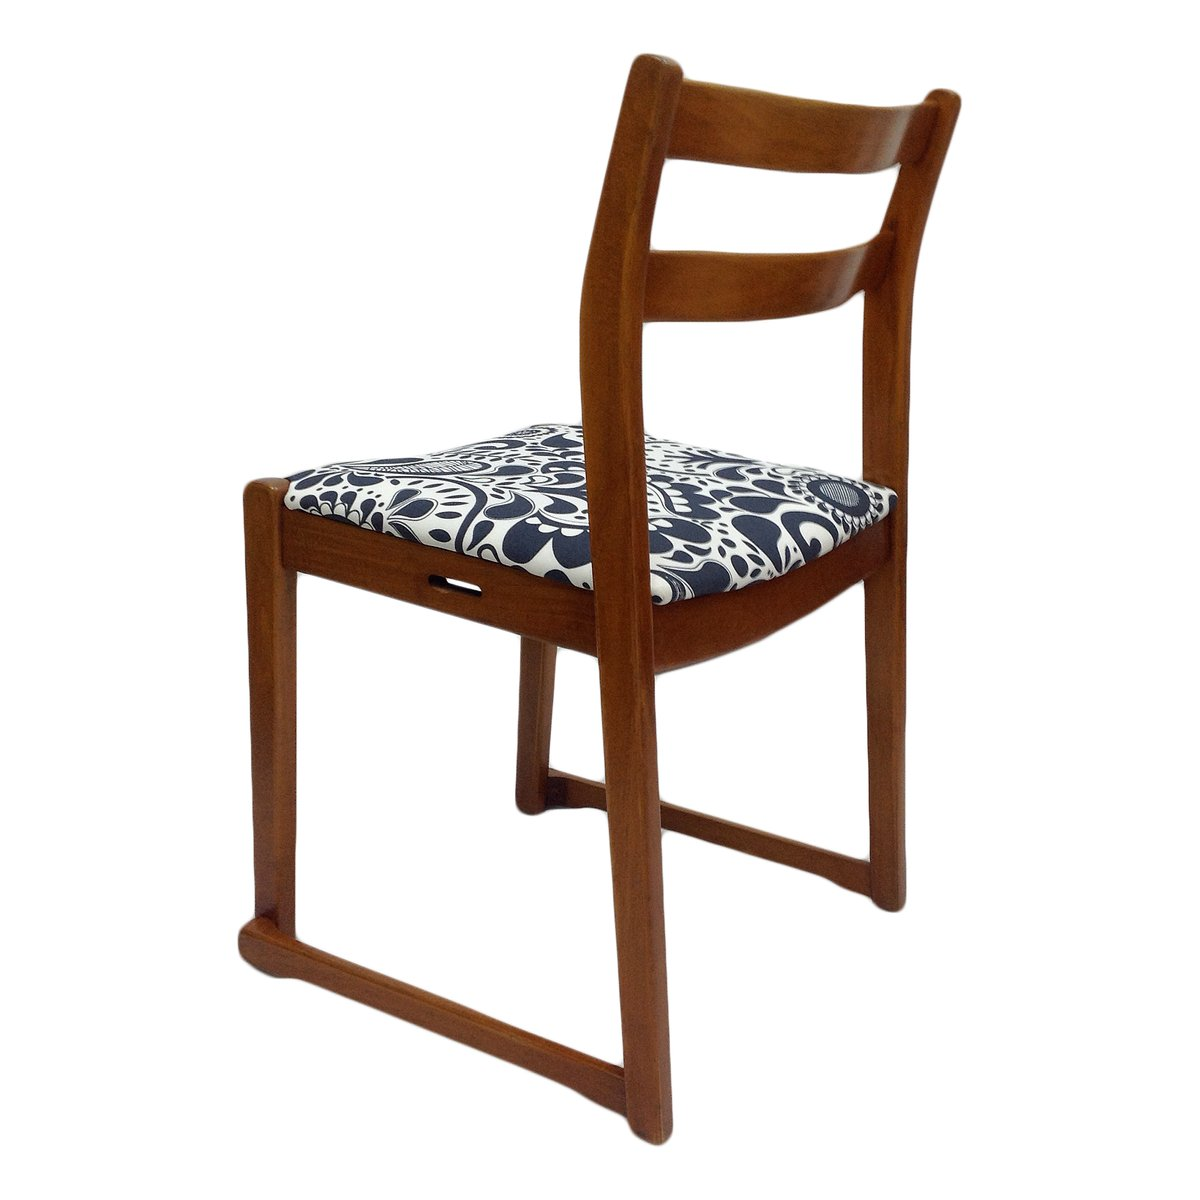 chaise d 39 appoint vintage motifs en teck en vente sur pamono. Black Bedroom Furniture Sets. Home Design Ideas